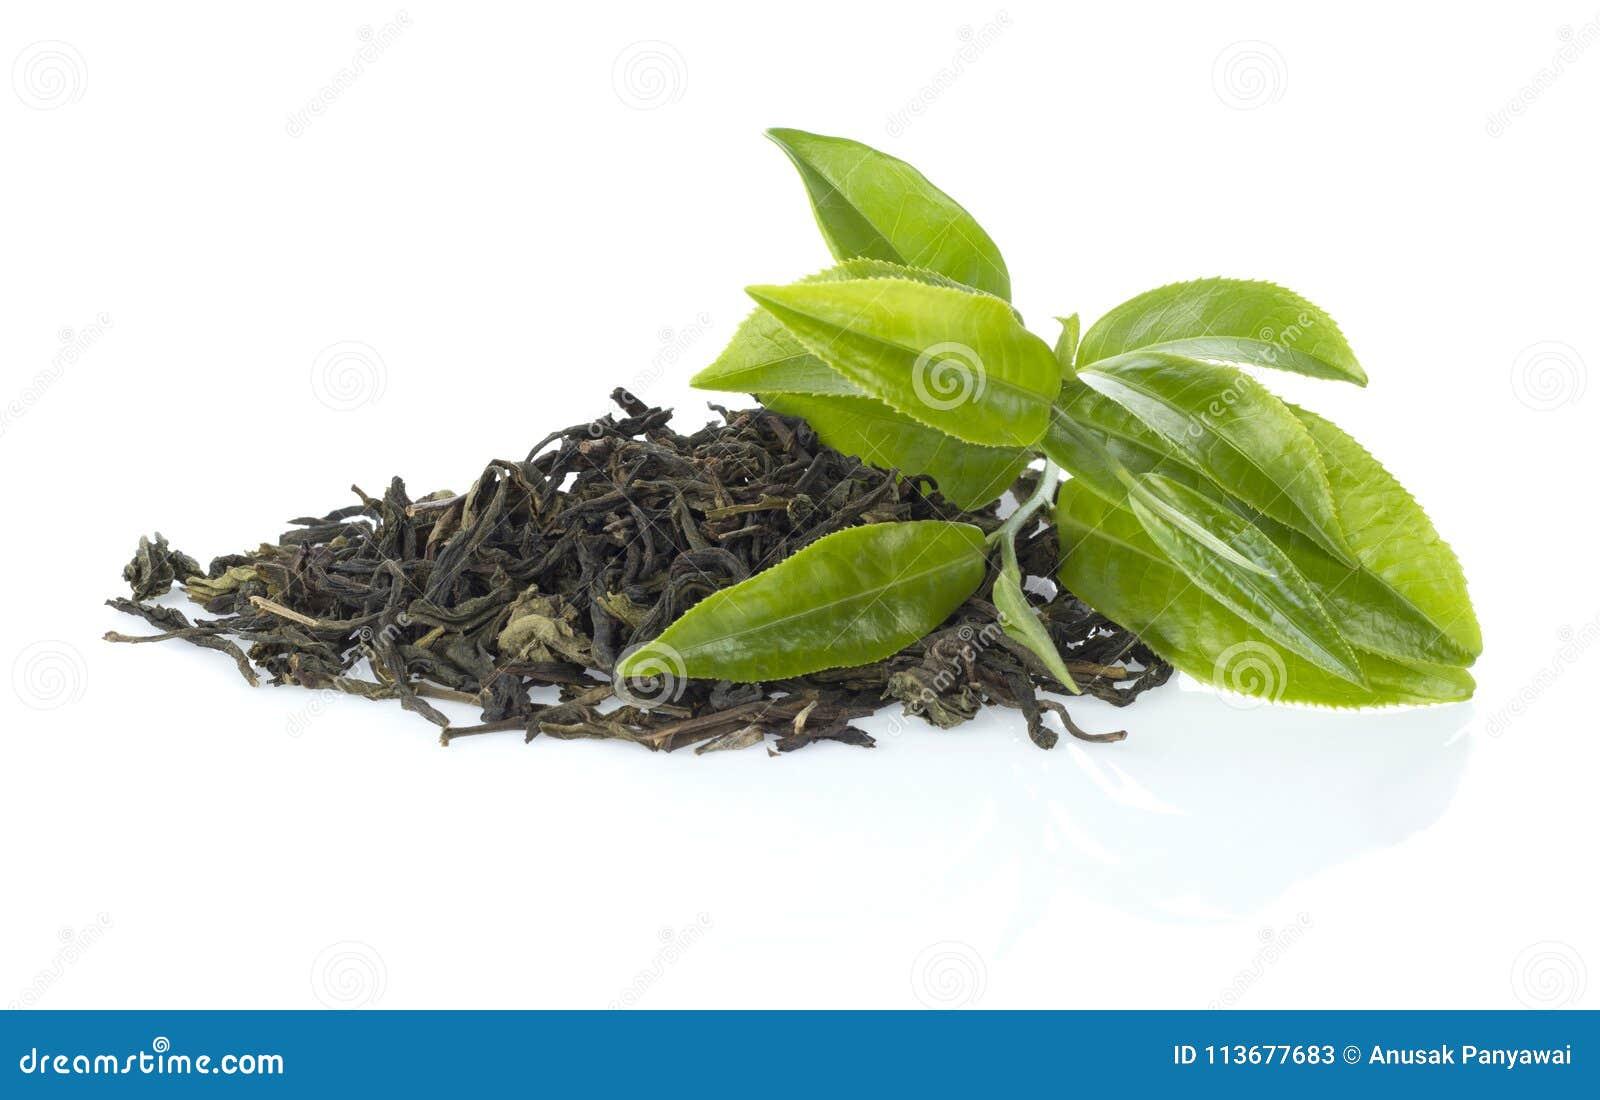 Zielona herbata liści,